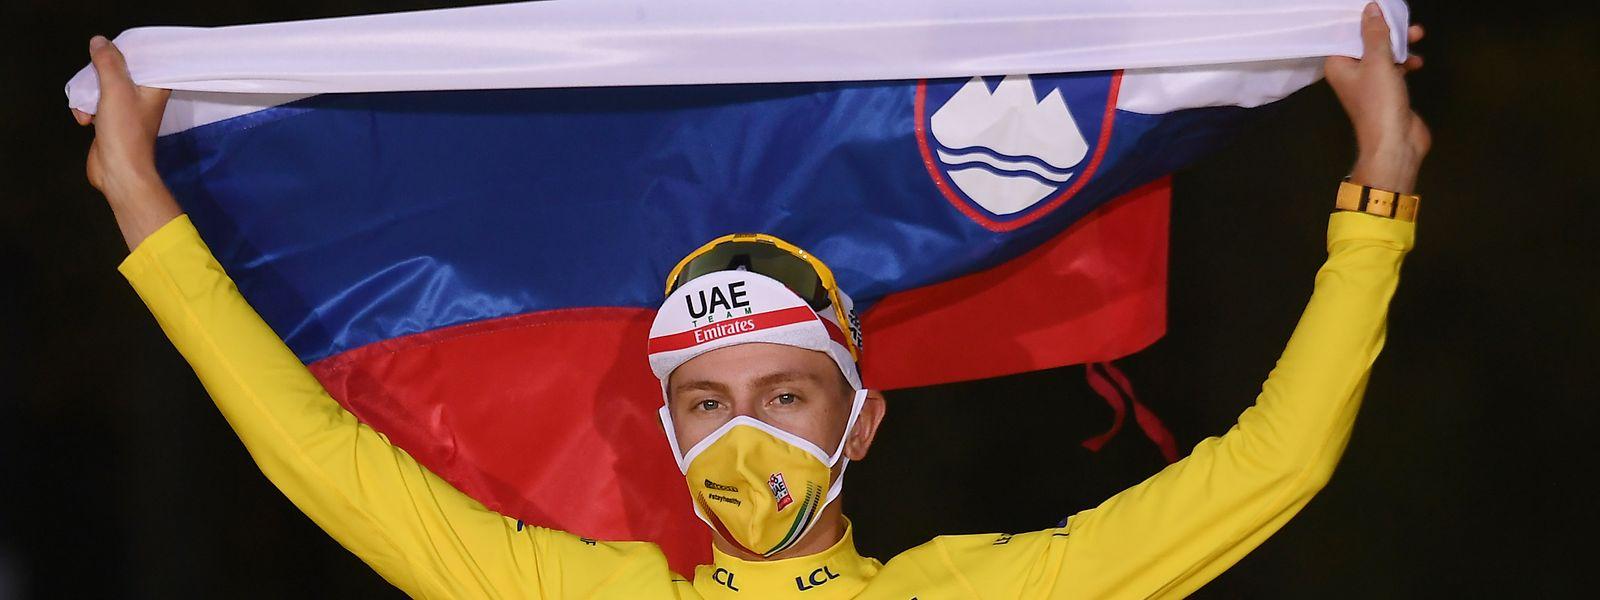 Tadej Pogacar est le plus jeune vainqueur du Tour de France depuis un certain Henri Cornet en... 1904